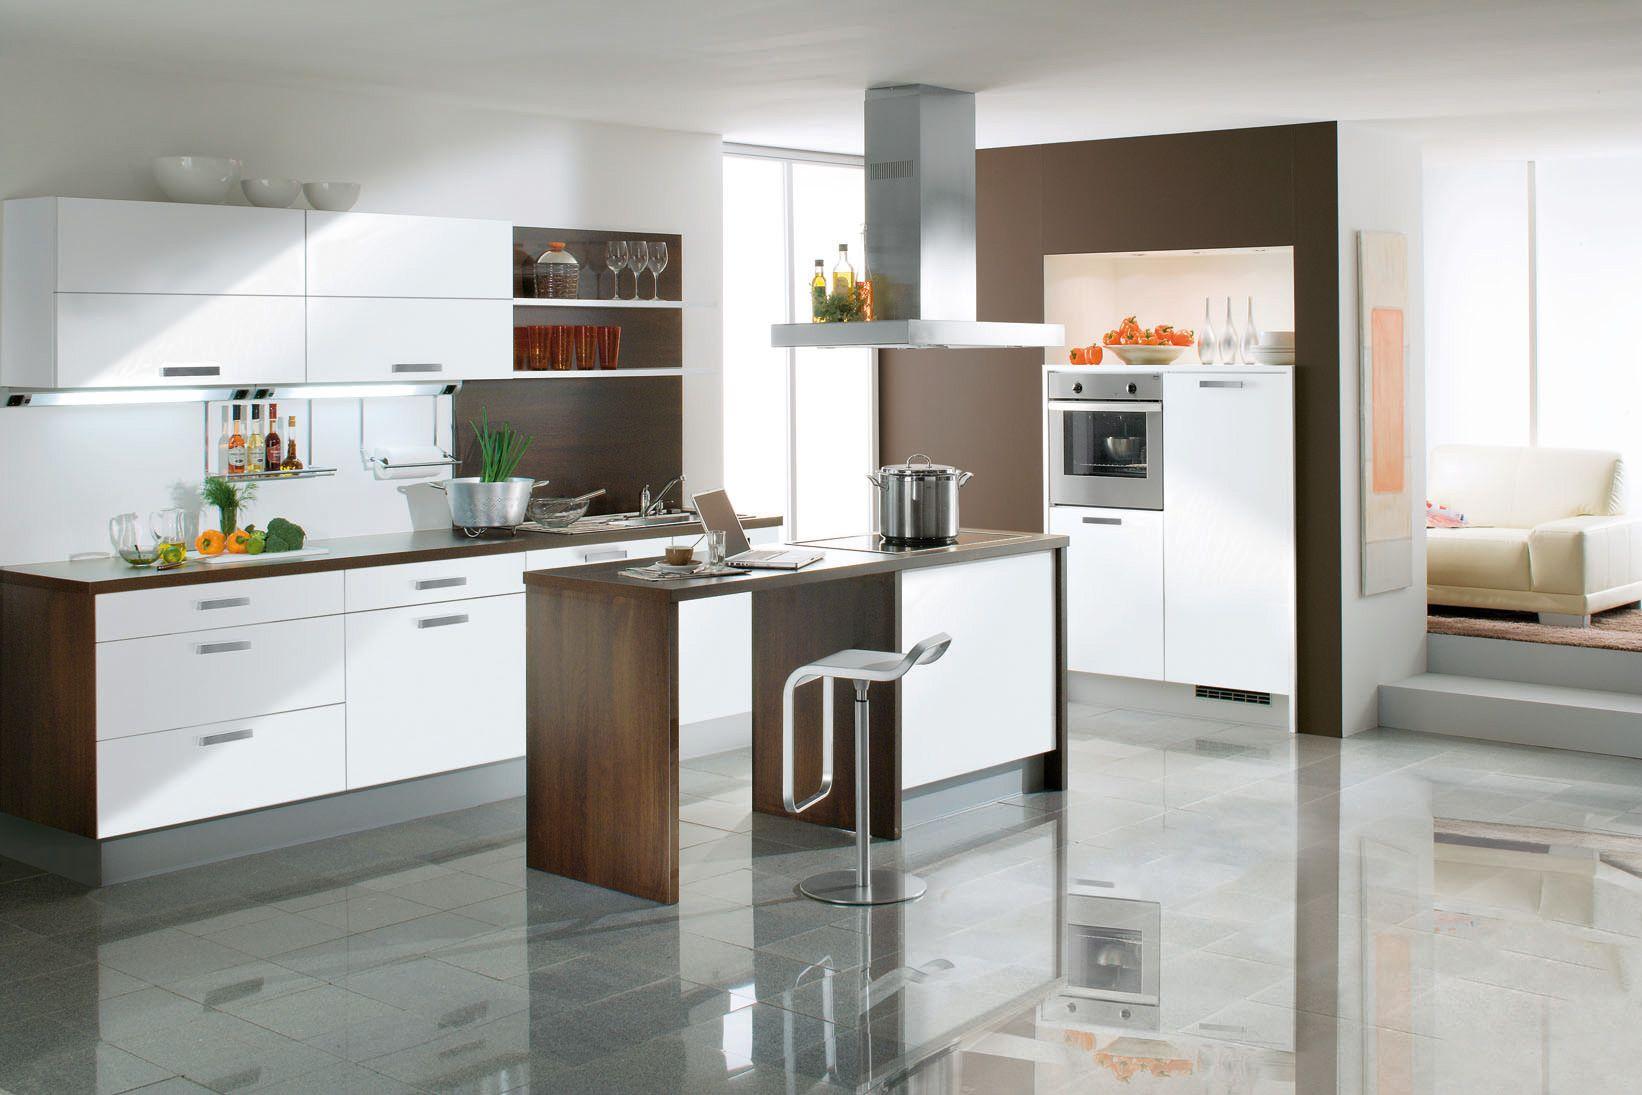 cuisine aviva modele amanda maison et mobilier